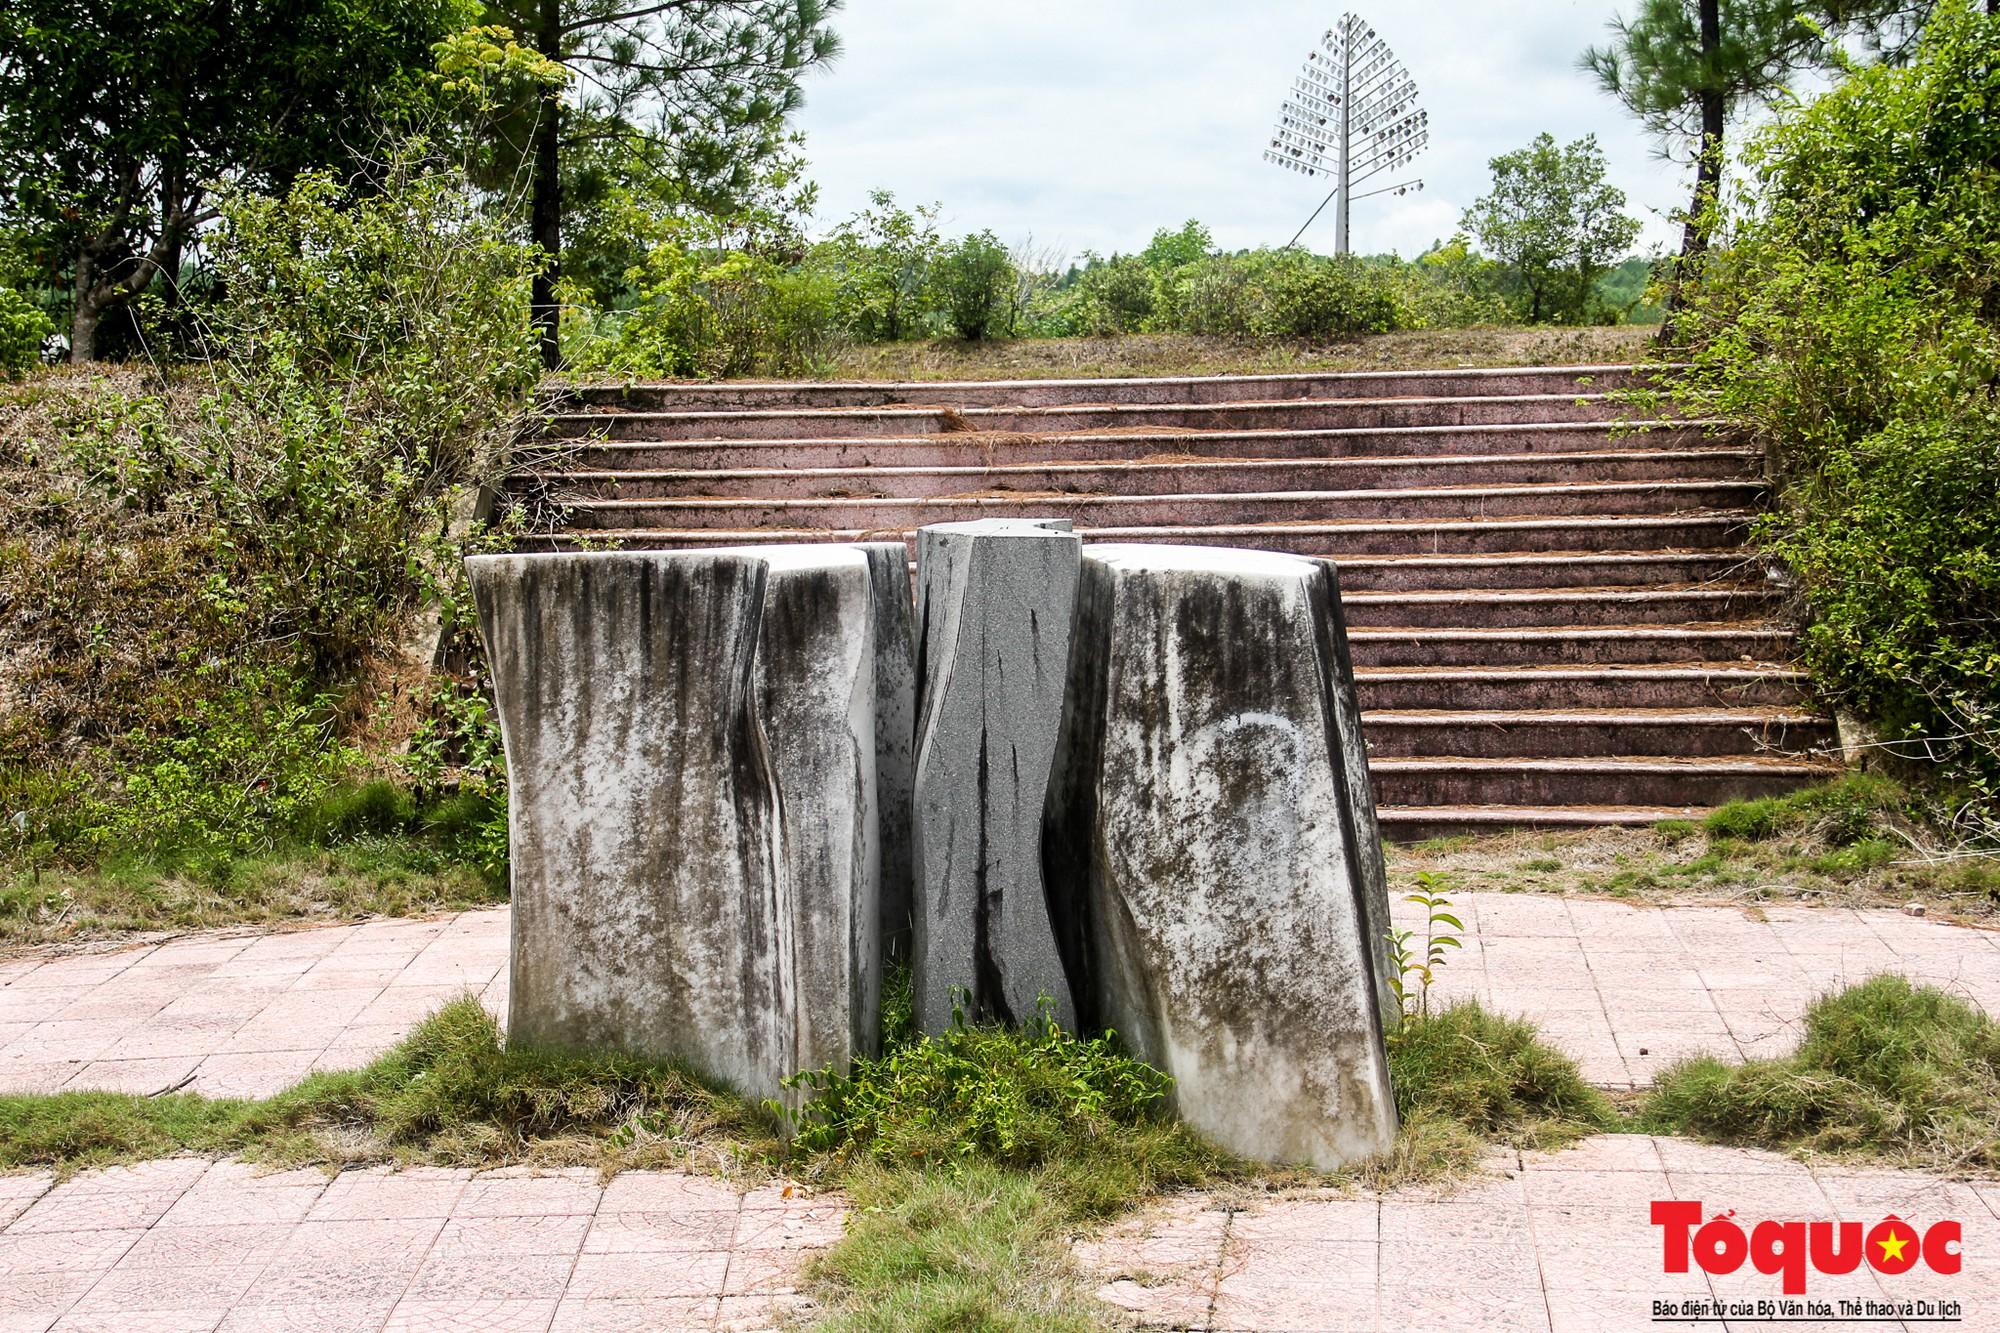 Tuongbohoang-19